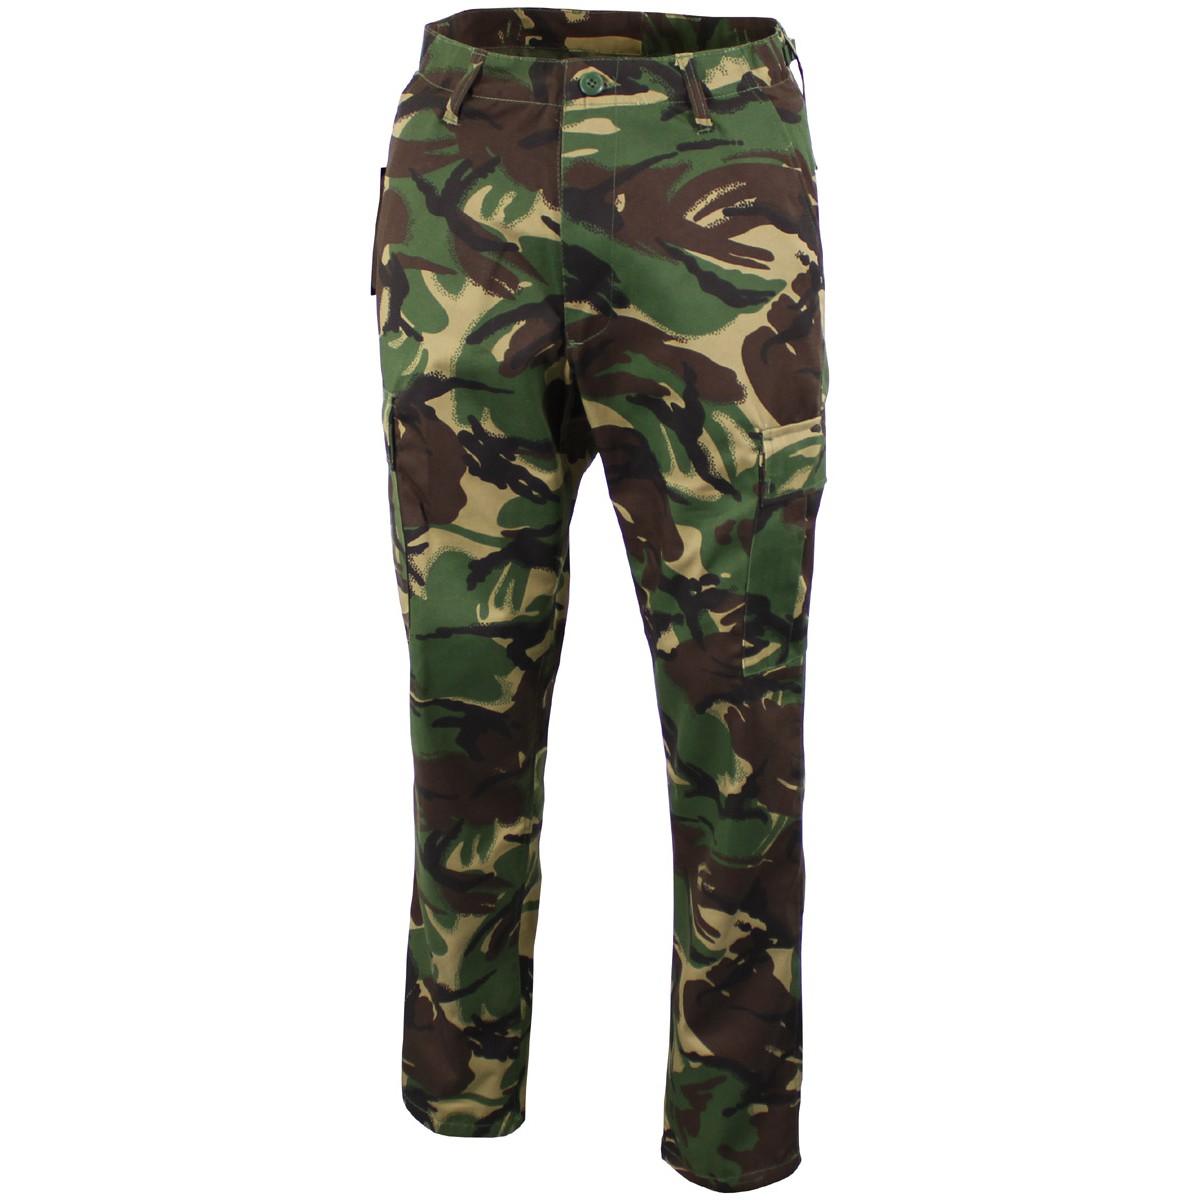 Pantalone US BDU fashion type DPM